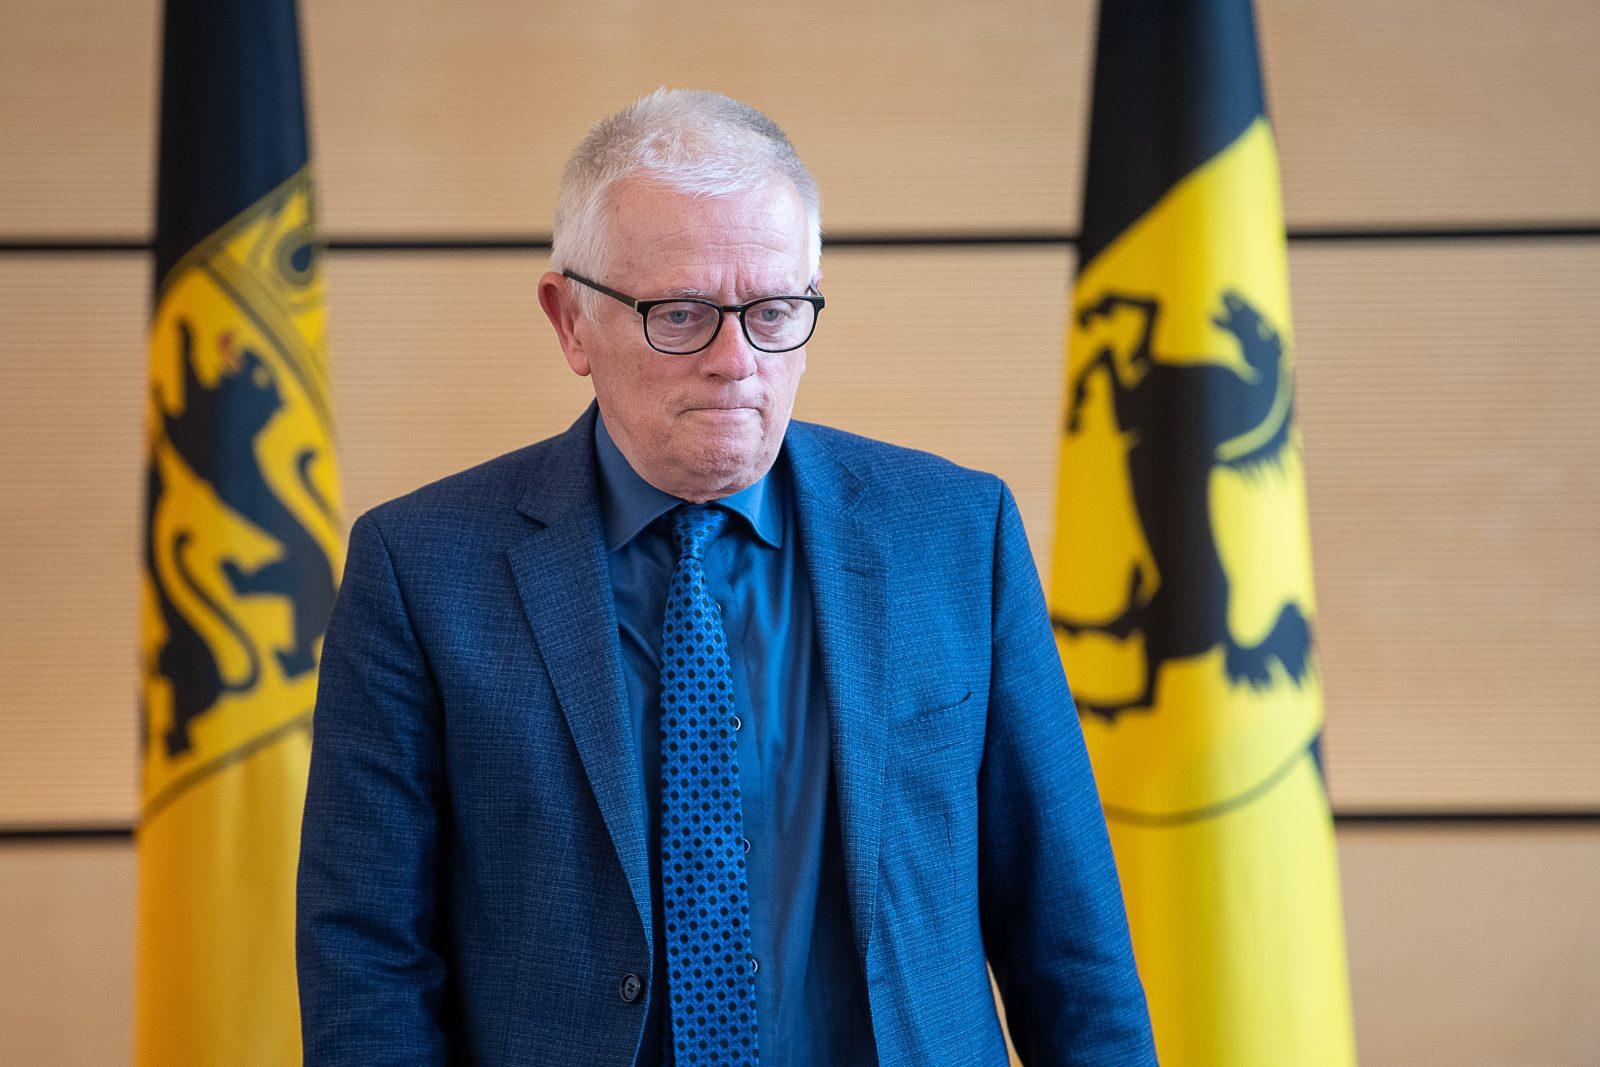 Stuttgarts Oberbürgermeister Fritz Kuhn (Grüne) hat die Vorlage für geschlechtergerechte Sprache auf den Weg gebracht Foto: picture alliance/Sebastian Gollnow/dpa